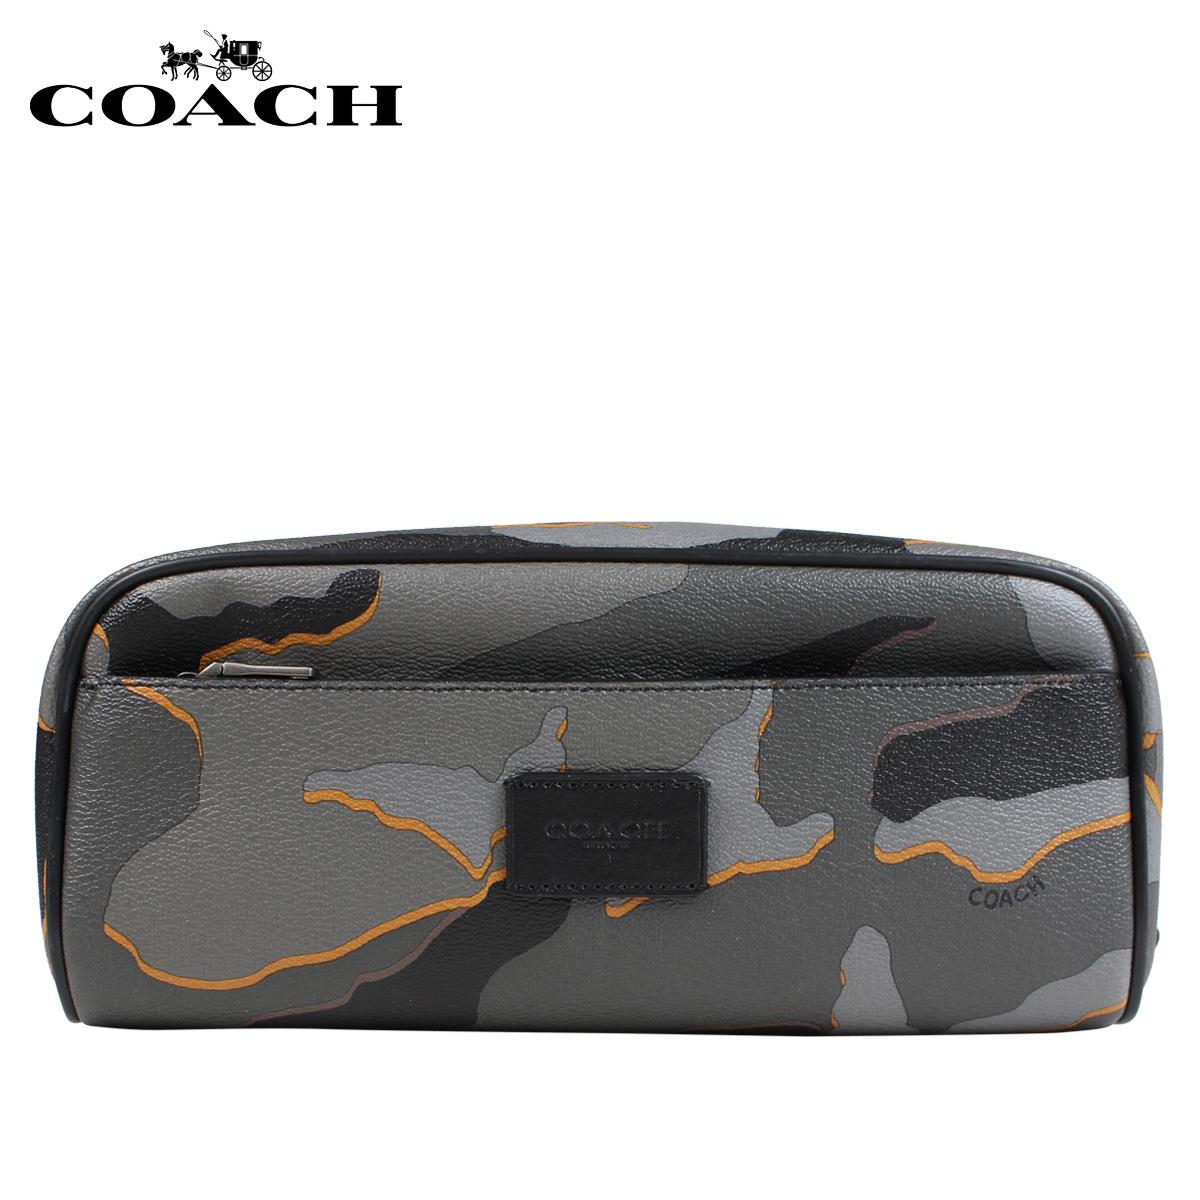 COACH コーチ ポーチ 小物入れ メンズ 本革 グレーカモ F31518